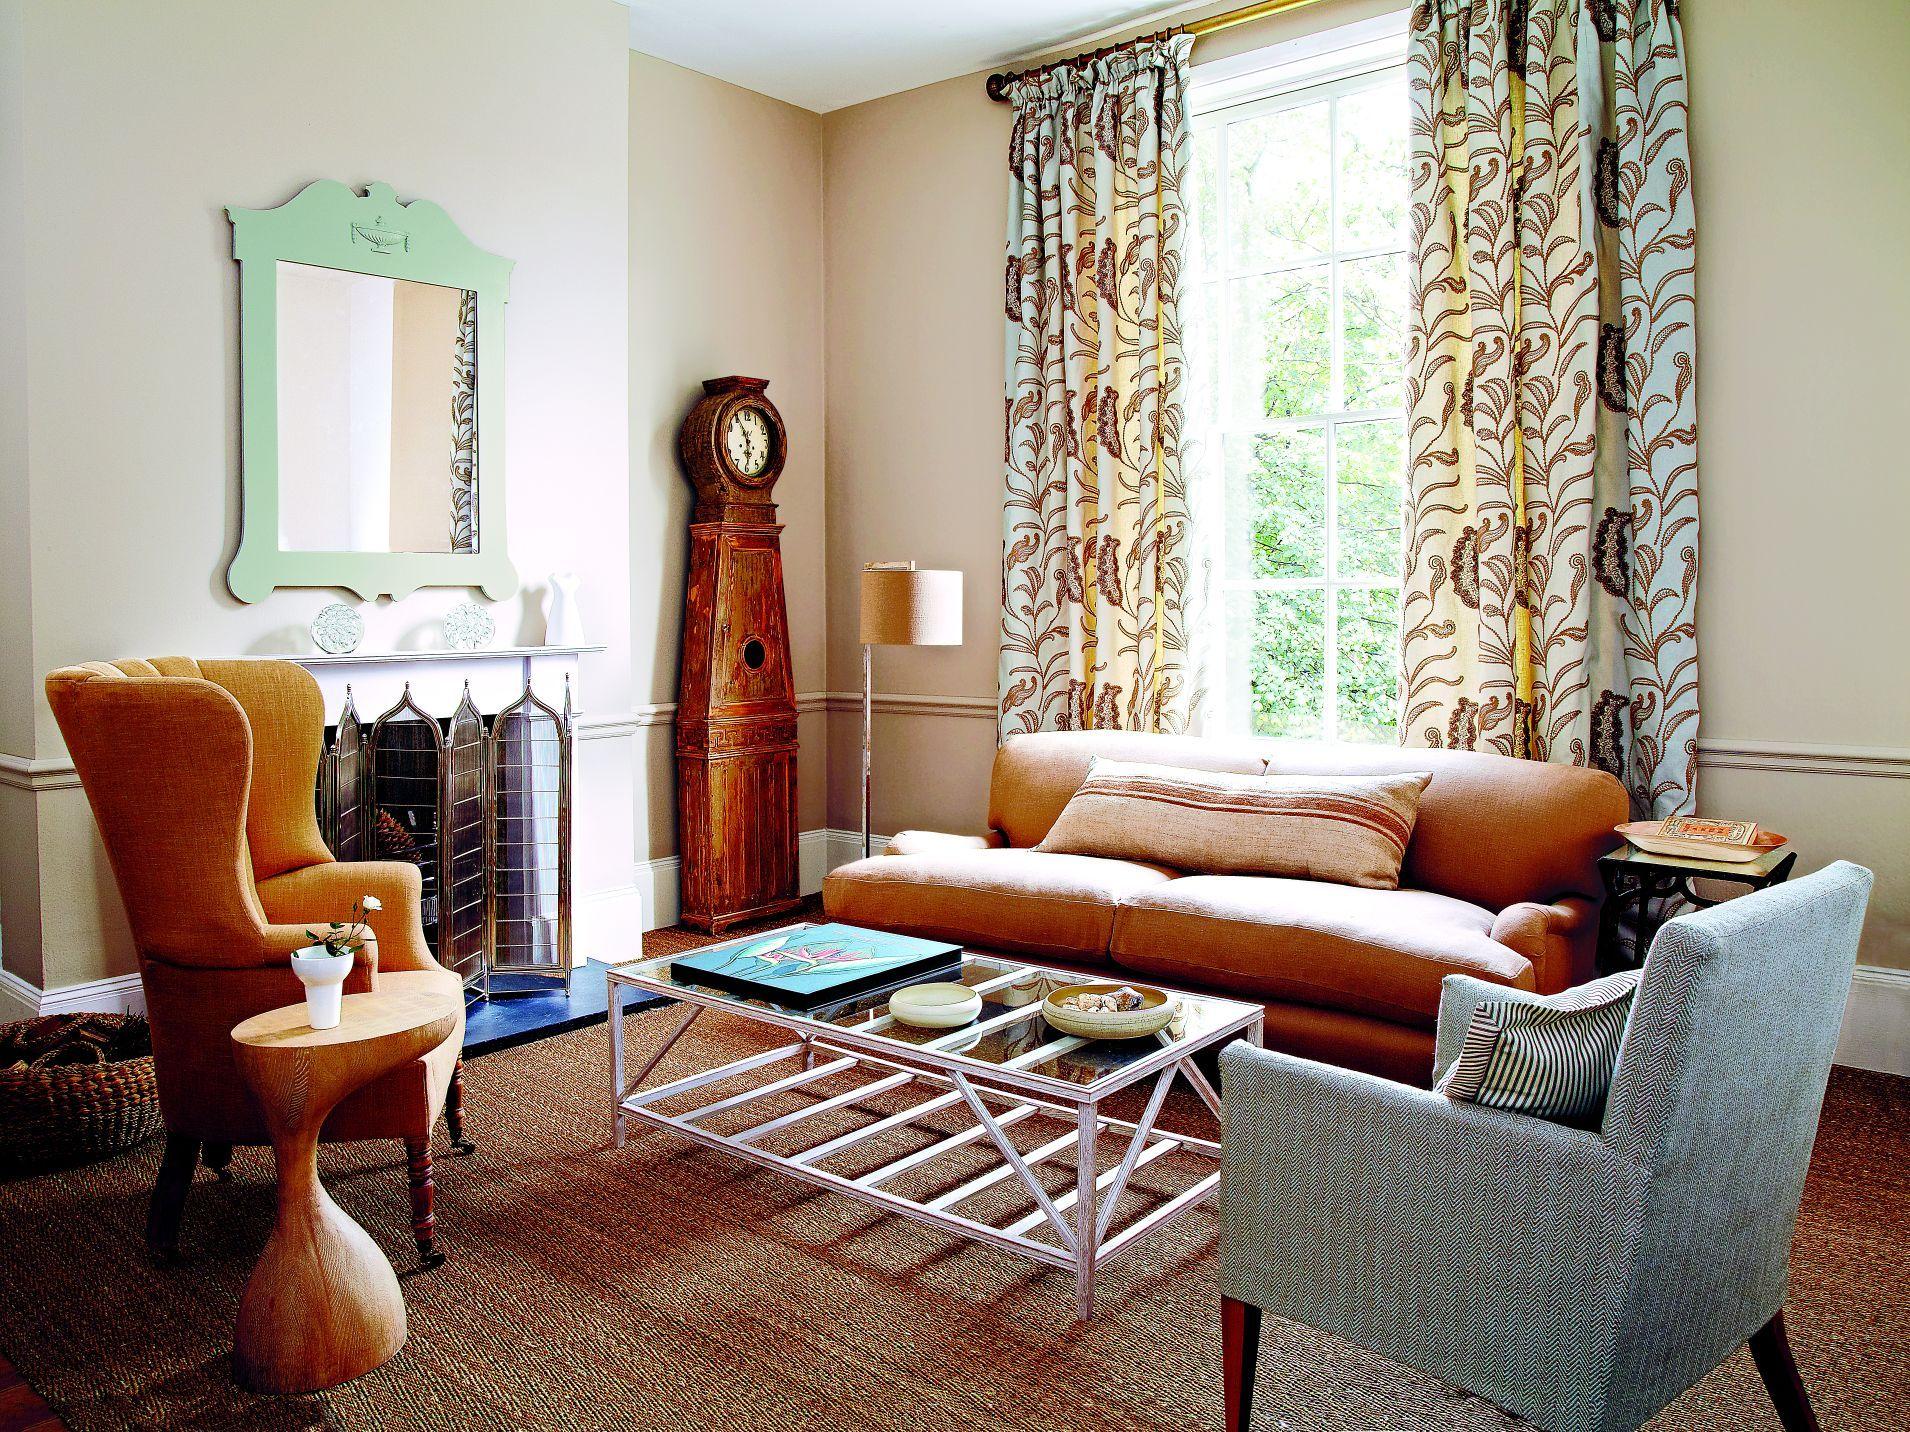 Die Mineralische Wandfarbe Fur Ein Gesundes Wohnraumklima Zartes Grun Ist Das Symbol Fur Aufbruch Im Kreislau